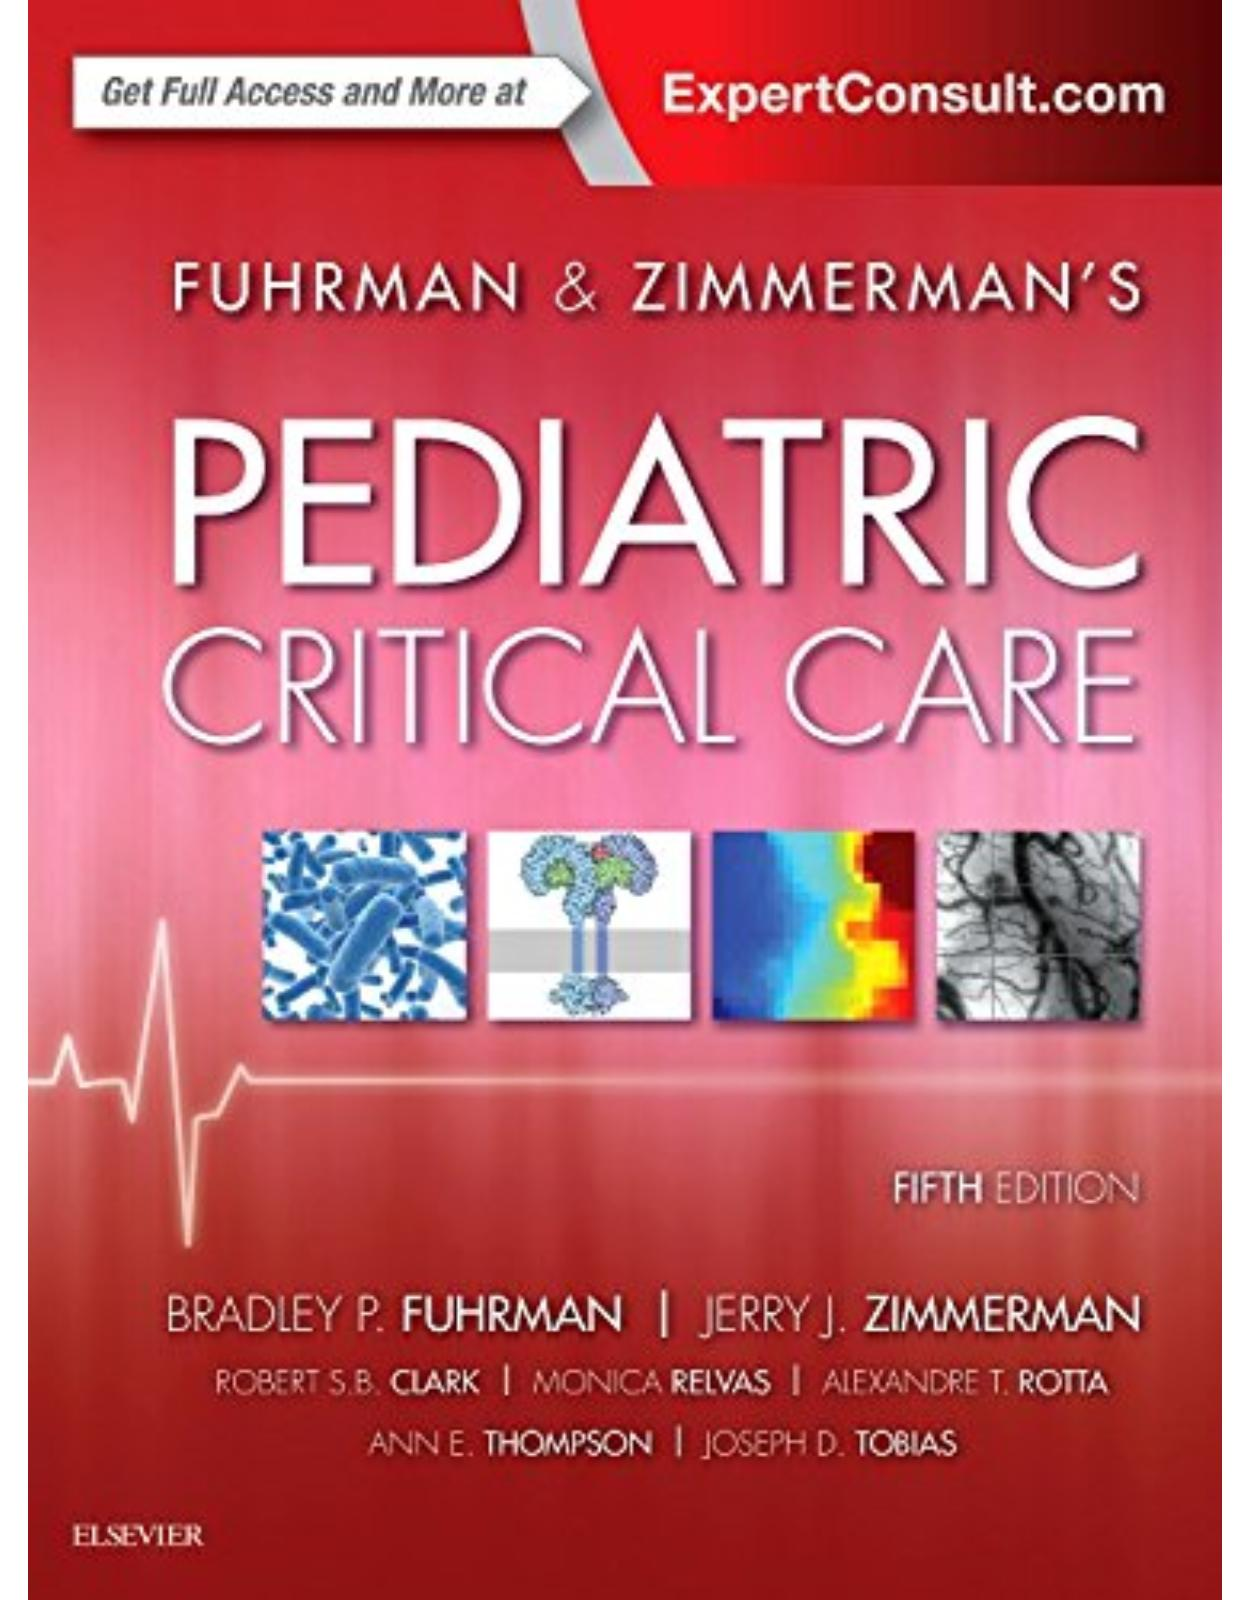 Pediatric Critical Care, 5th Edition